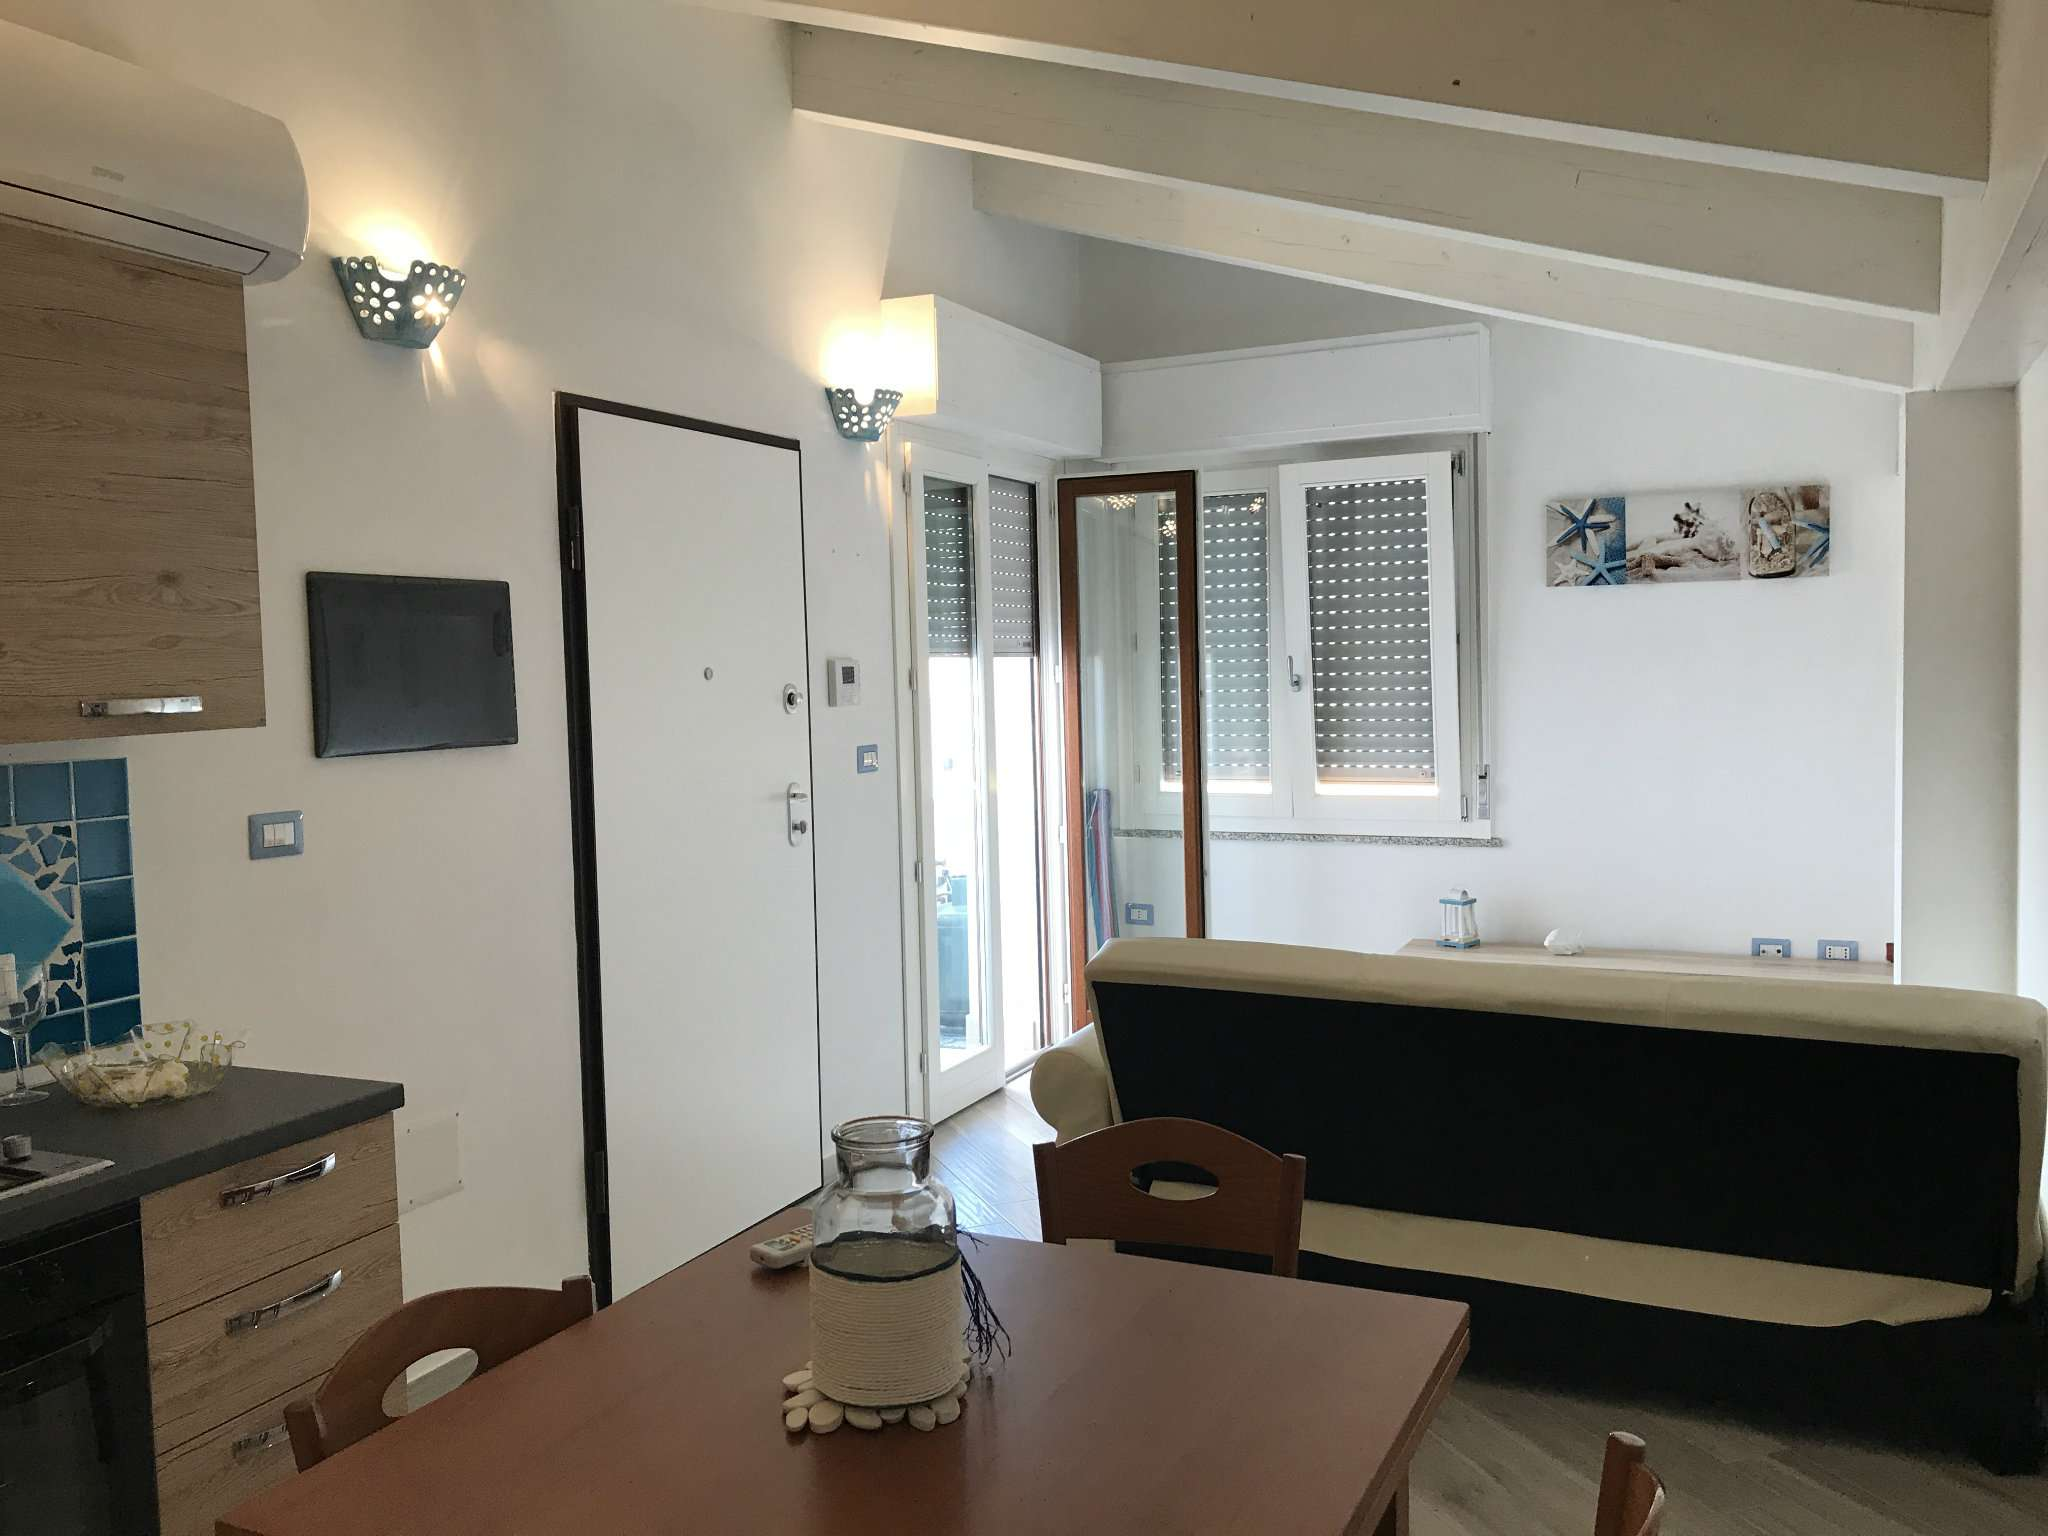 Attico / Mansarda in vendita a Olmedo, 2 locali, prezzo € 68.000 | CambioCasa.it